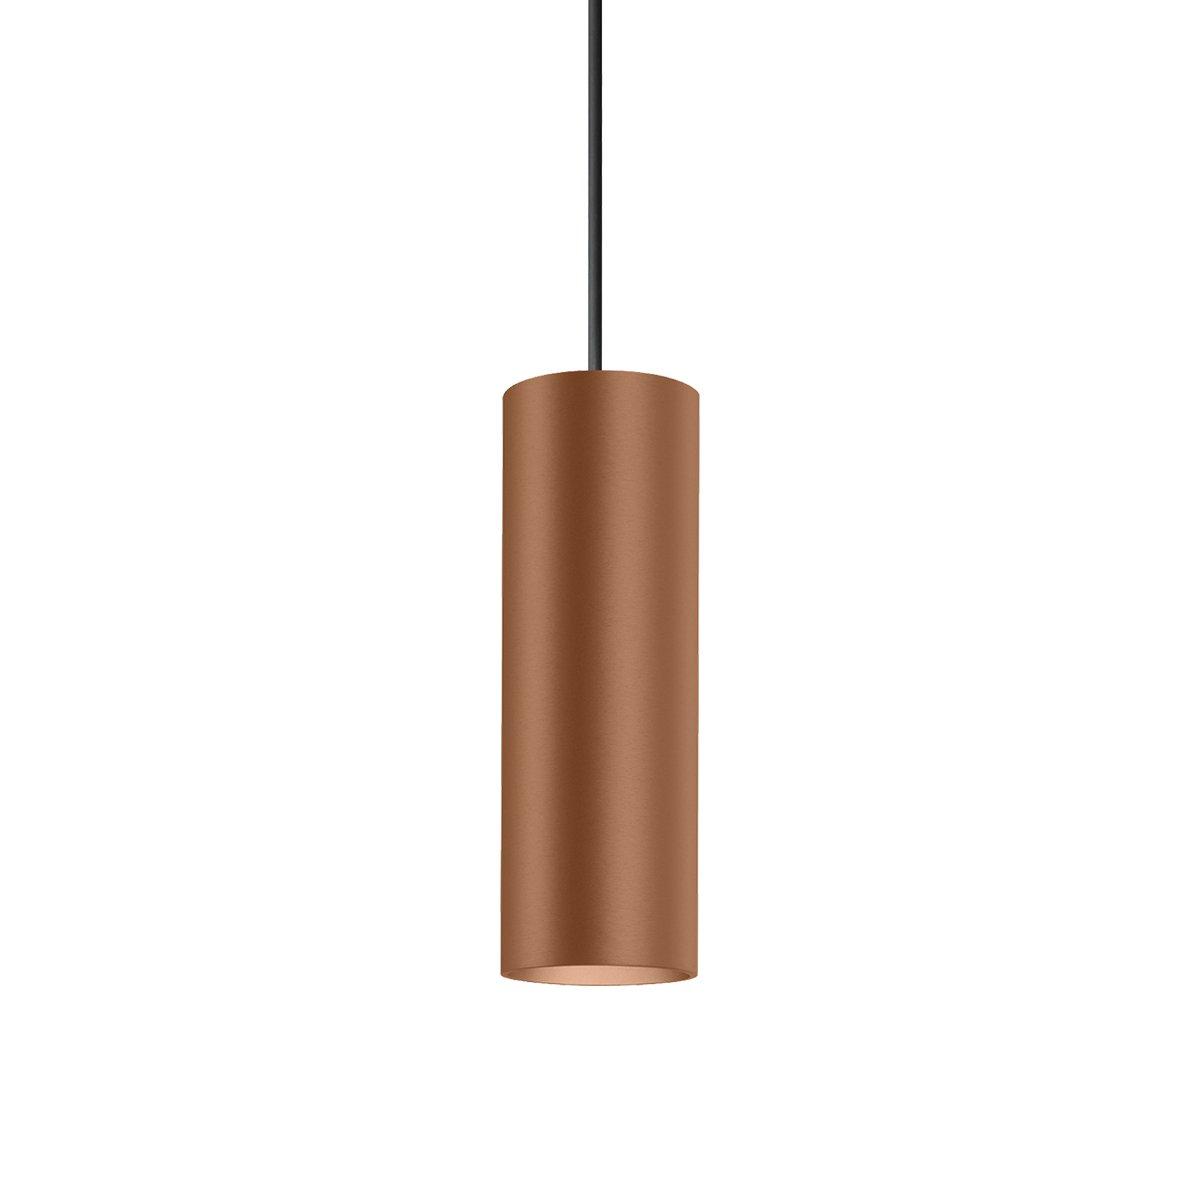 Wever & Ducr� Ray 2.0 Hanglamp Copper - LED 3000 Kelvin